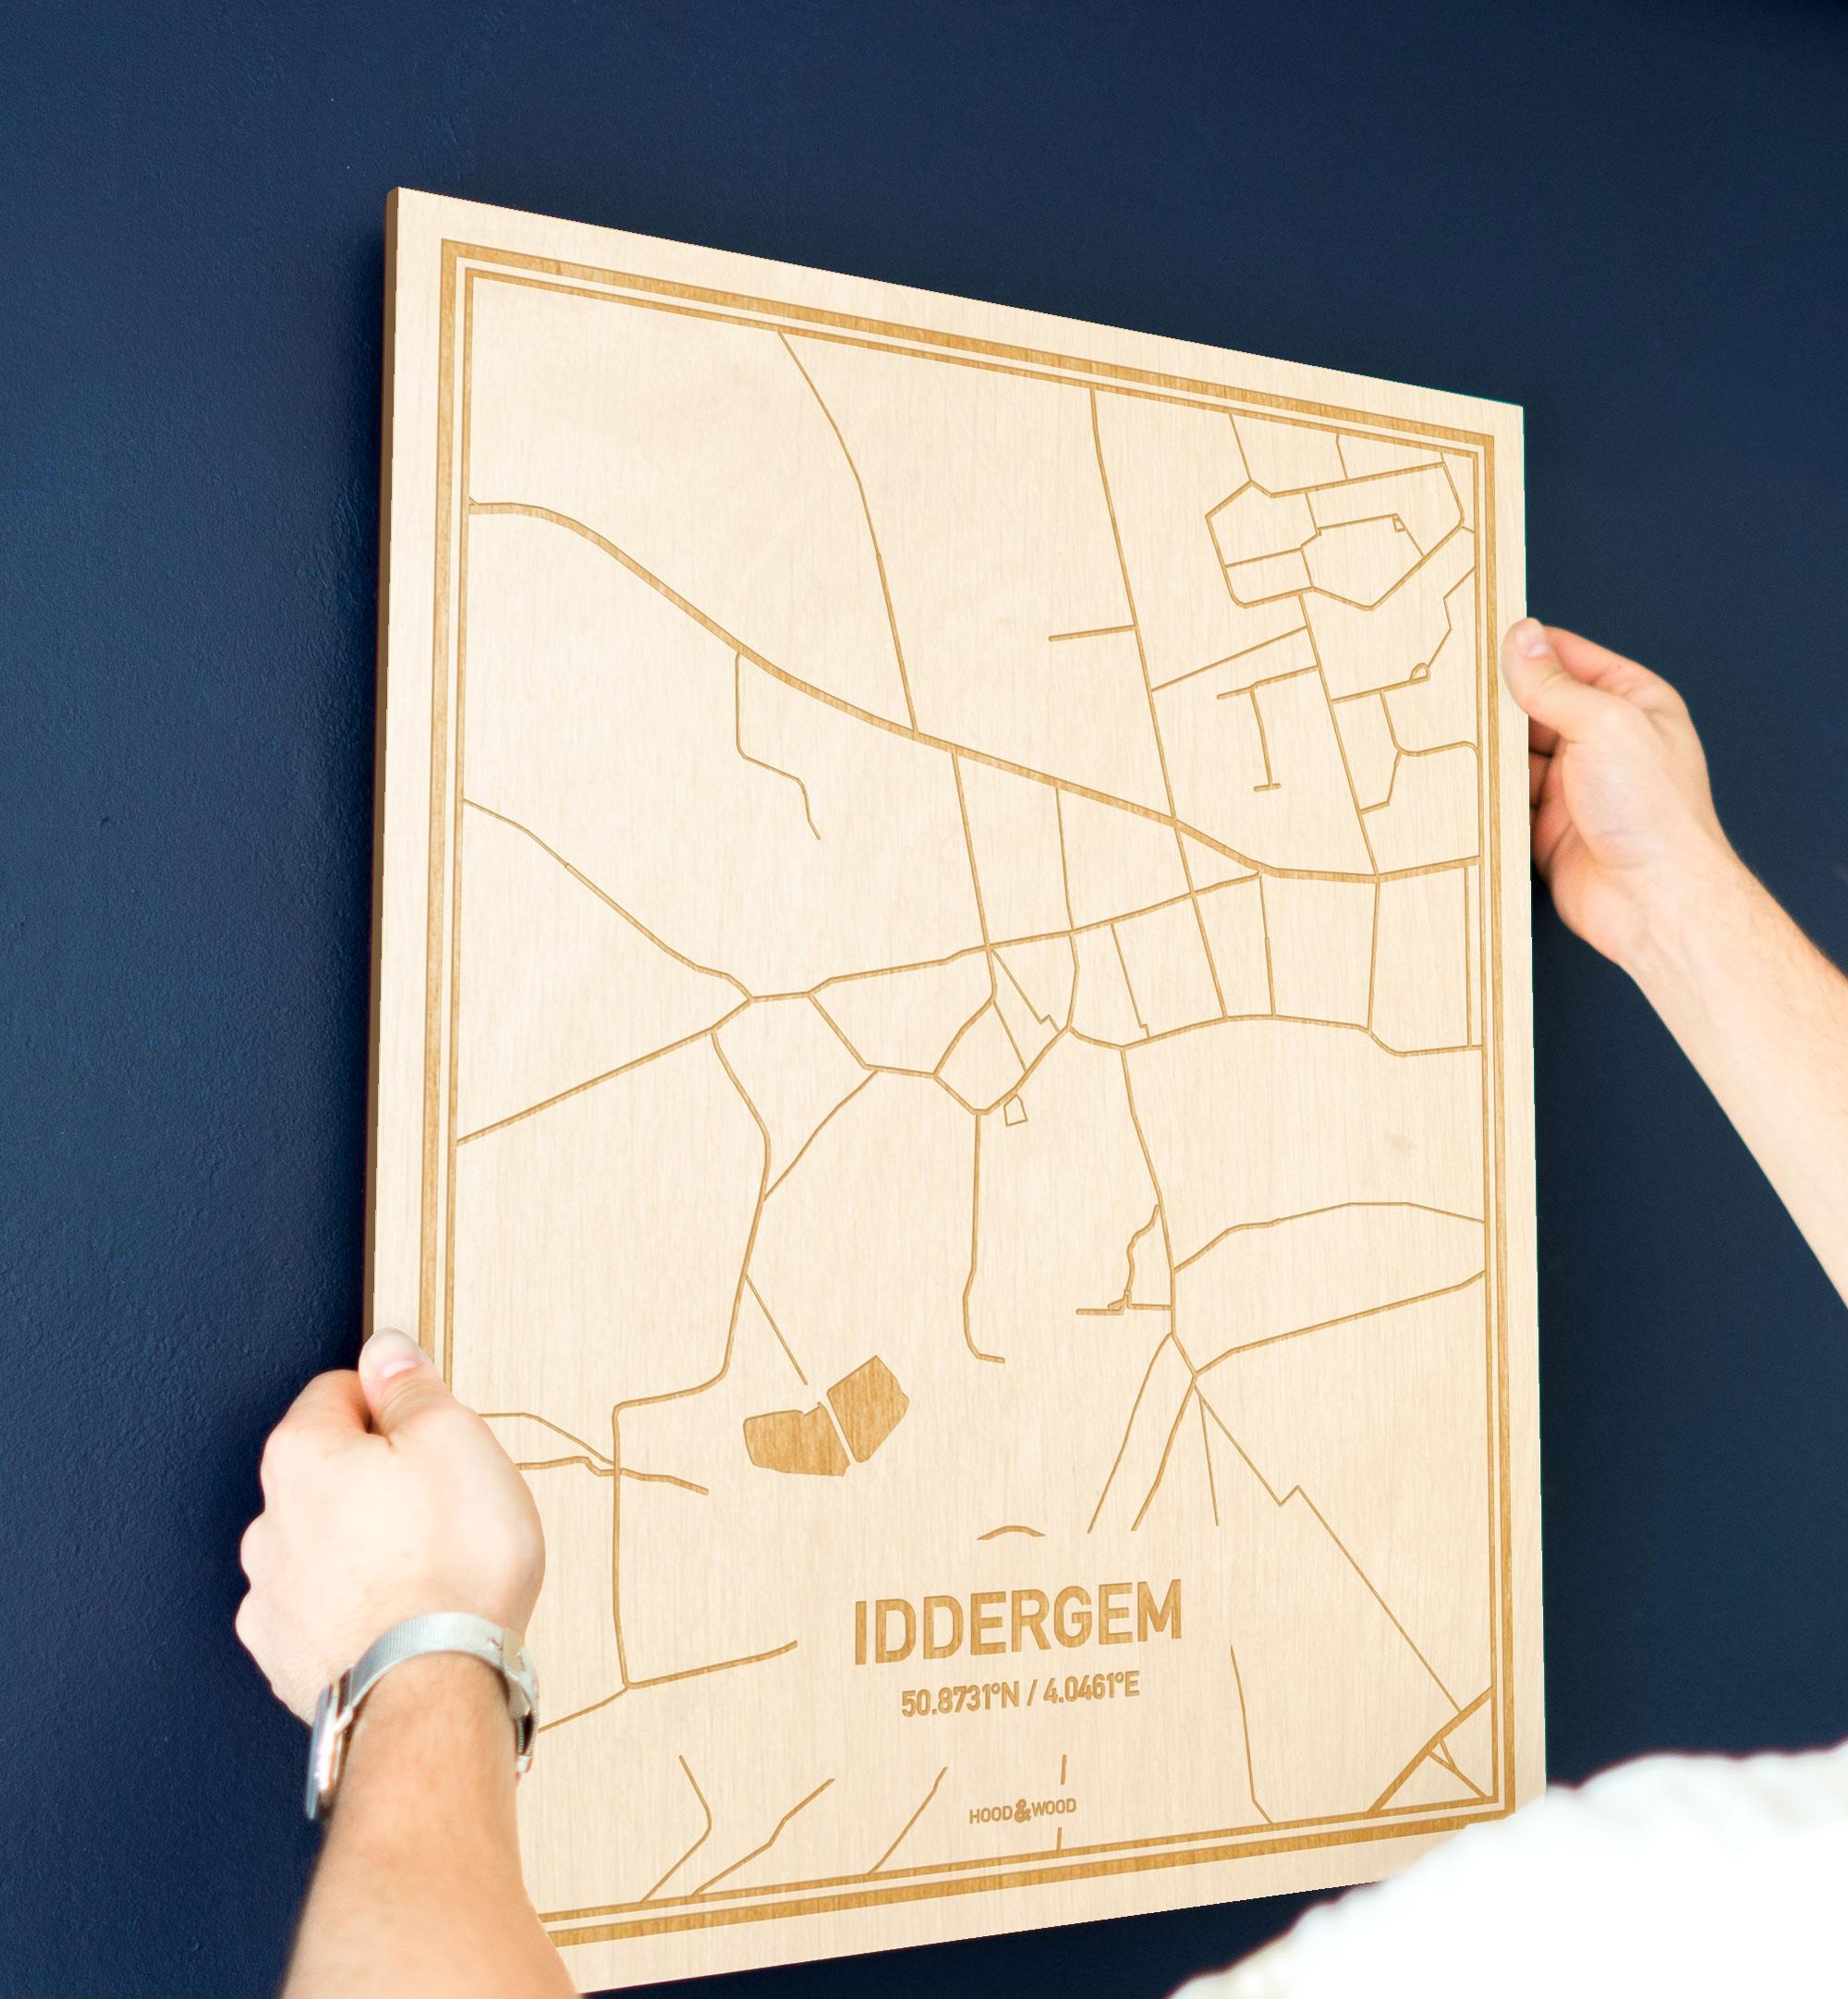 Een man hangt de houten plattegrond Iddergem aan zijn blauwe muur ter decoratie. Je ziet alleen zijn handen de kaart van deze bijzondere in Oost-Vlaanderen  vasthouden.